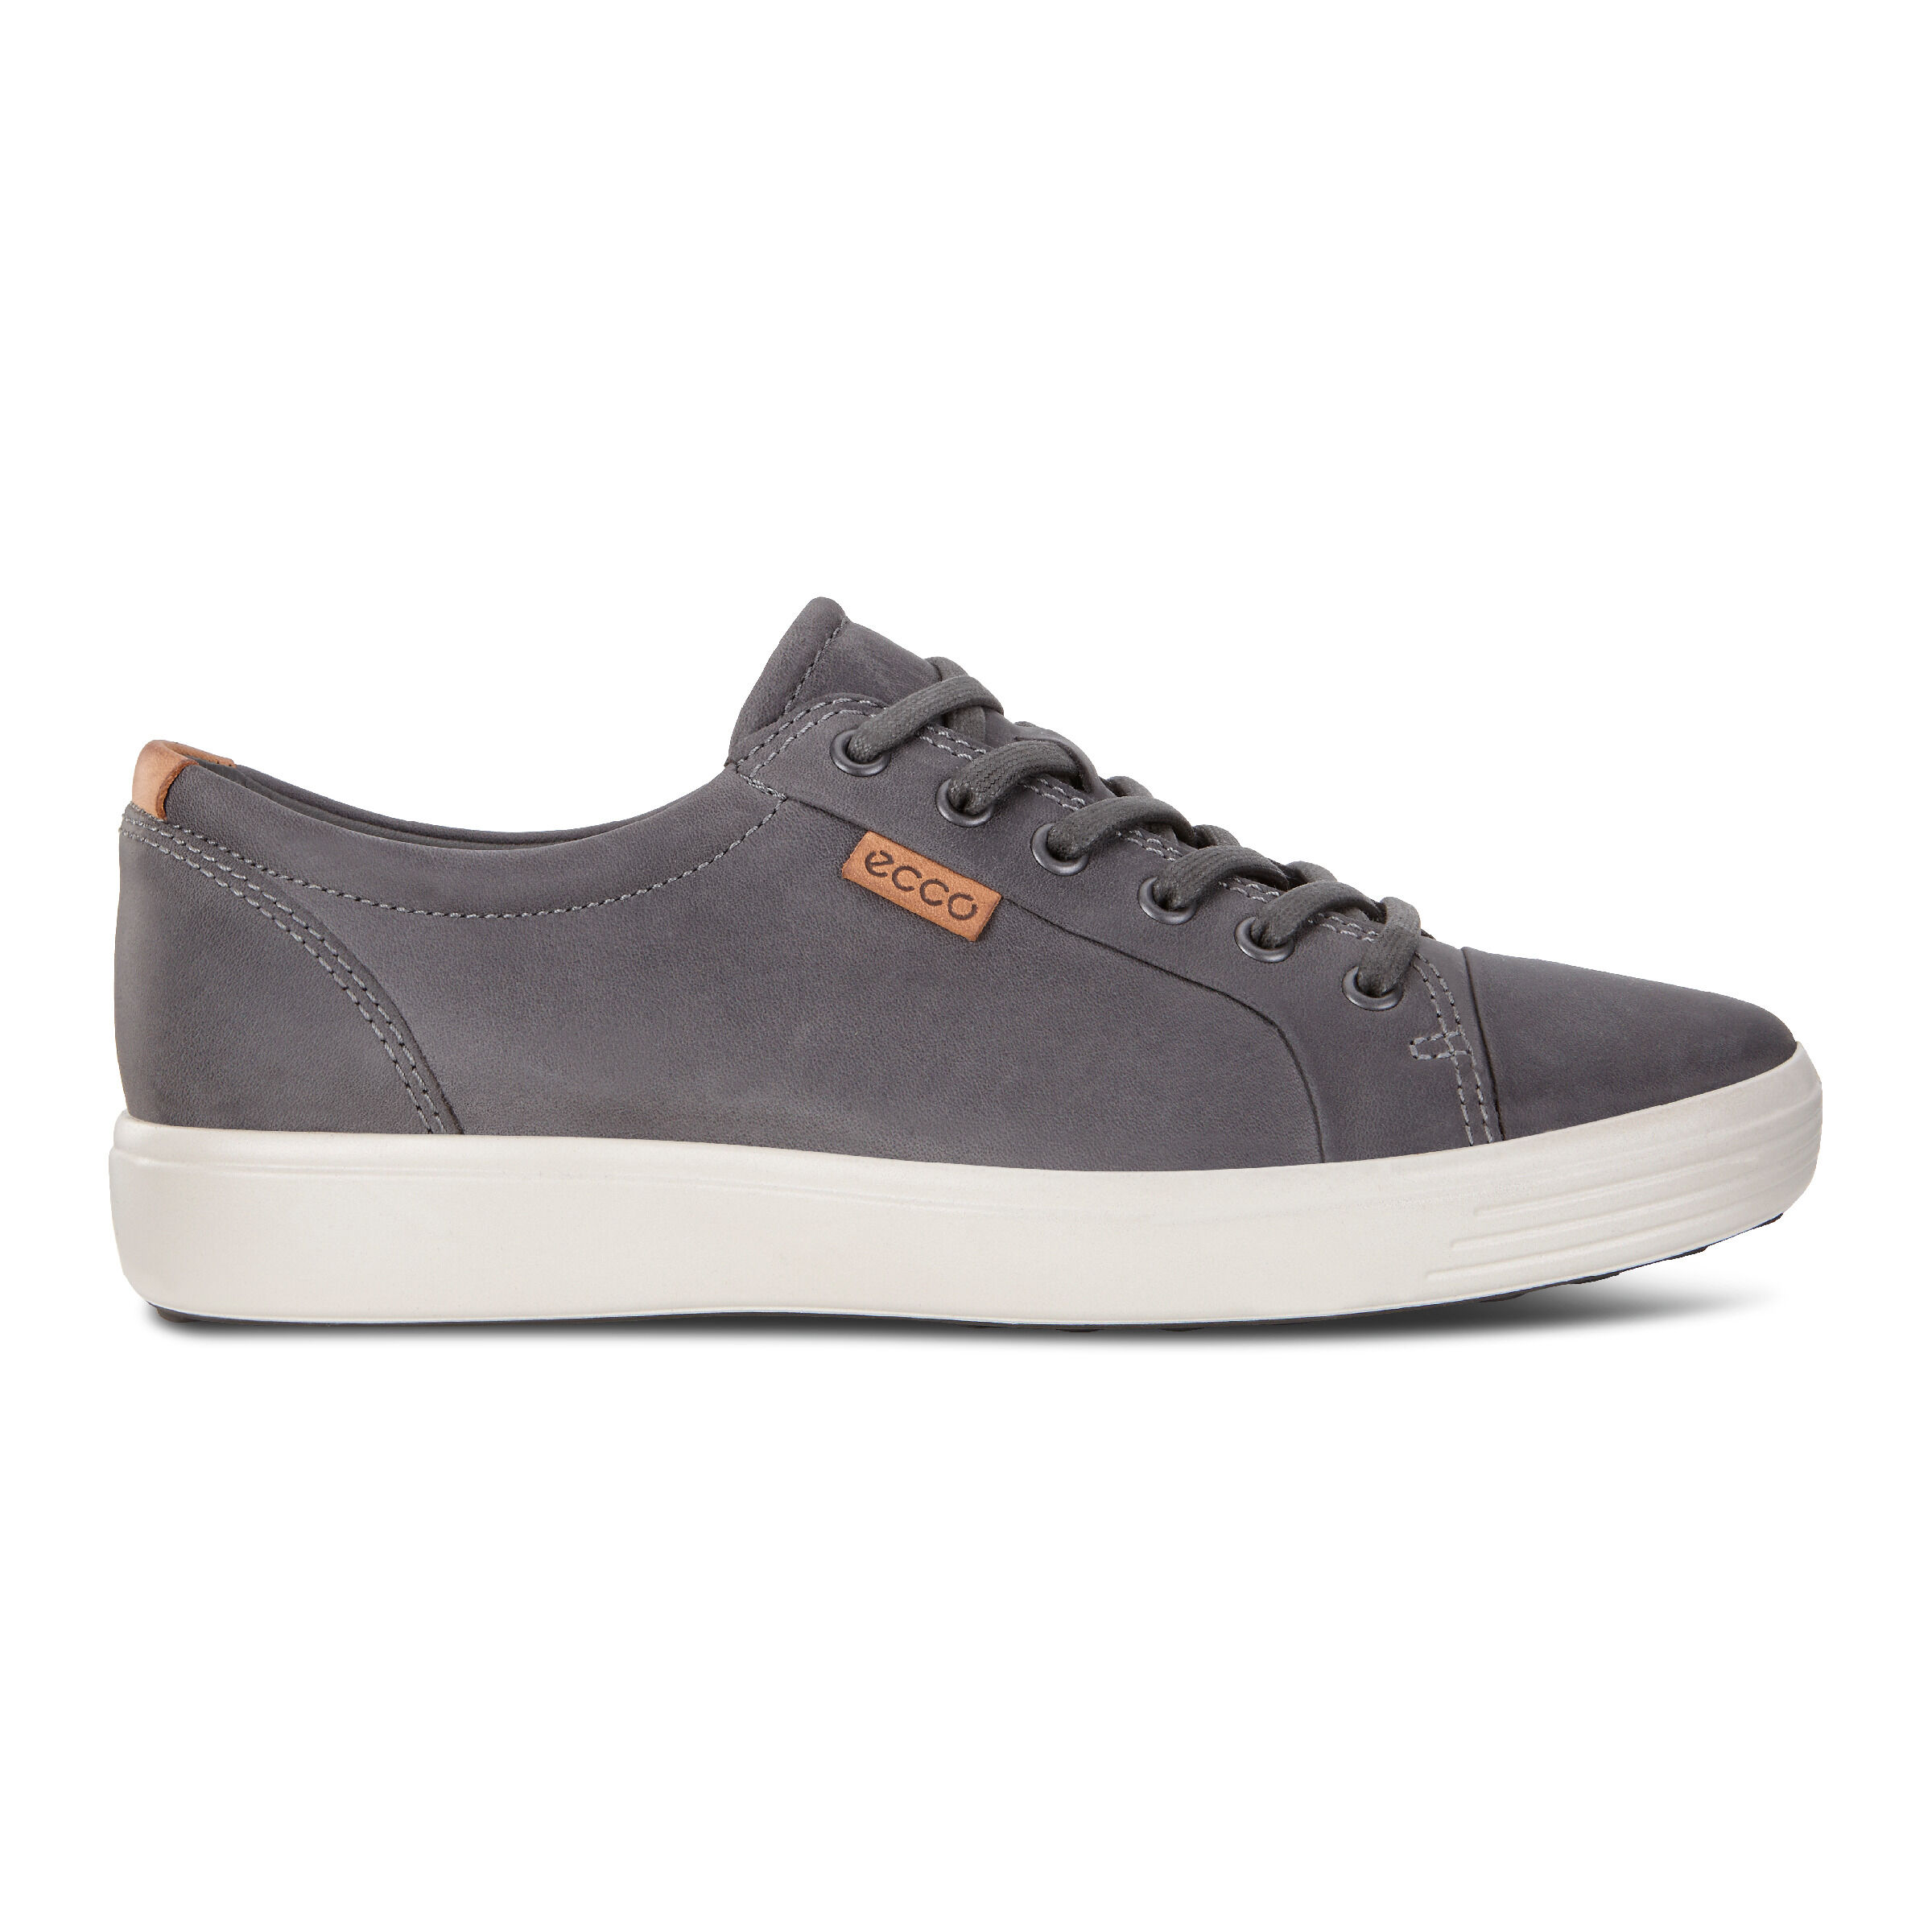 에코 ECCO Soft 7 Mens Sneakers,titanium